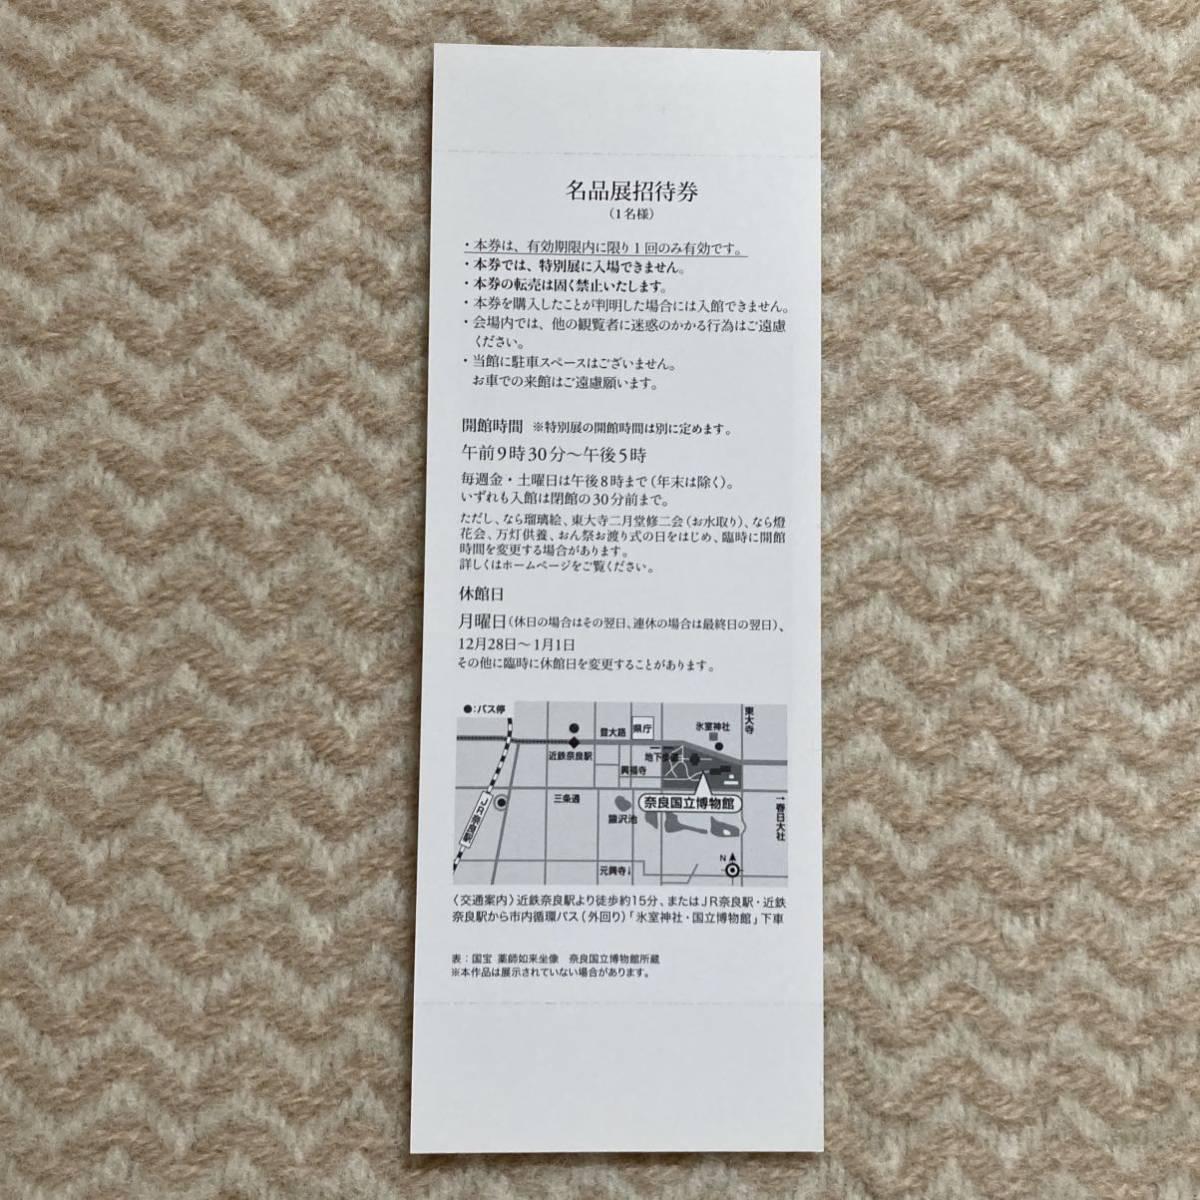 奈良国立博物館 お水取り チケット 招待券 1枚 無料観覧券_画像2